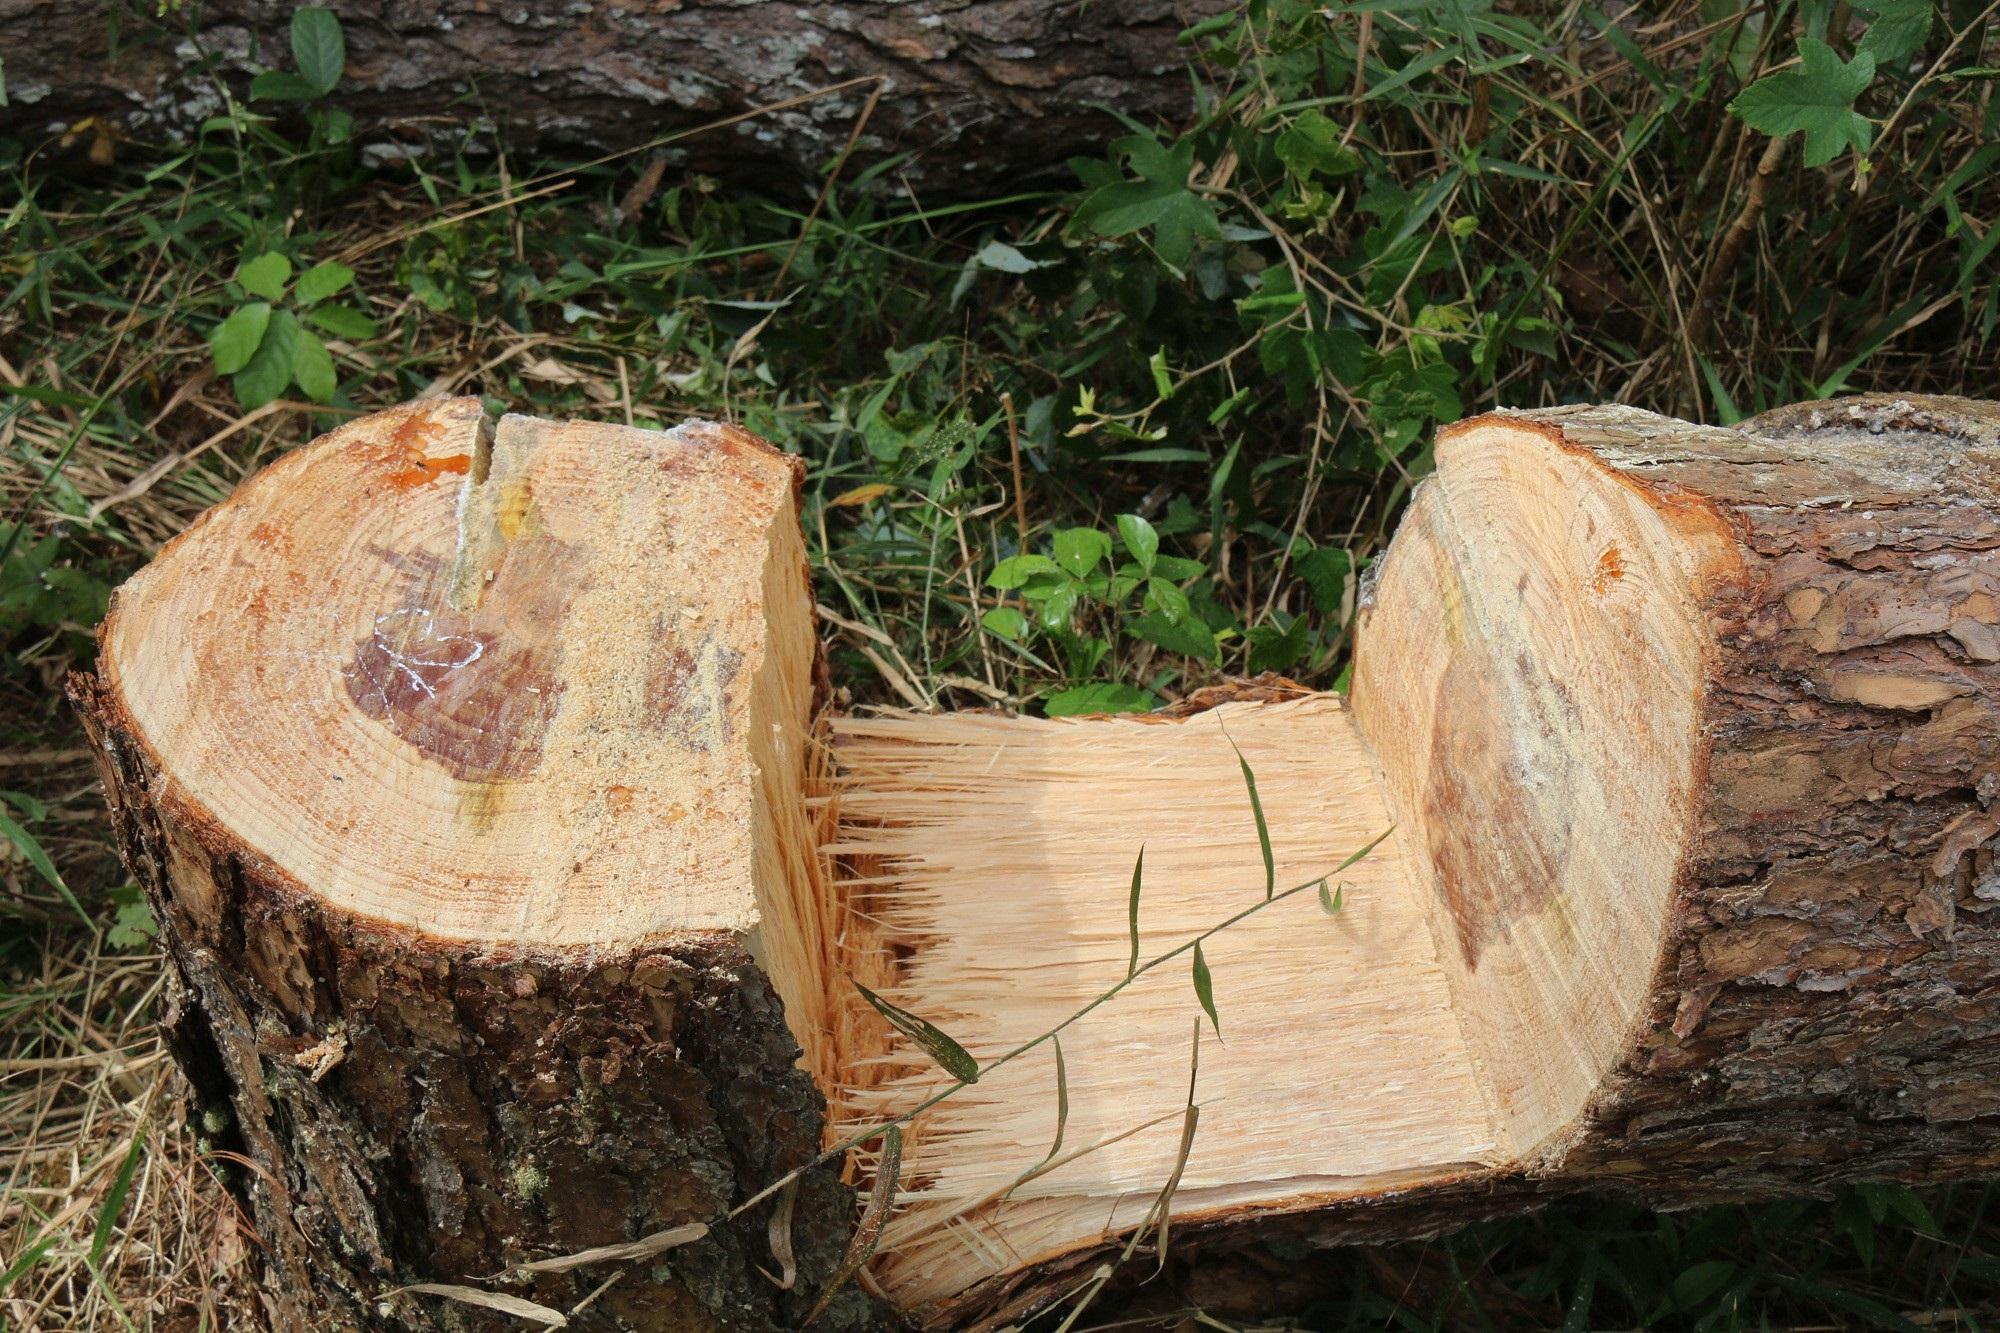 Dự án vừa bị thu hồi, rừng ngay lập tức bị bức tử - Ảnh 5.